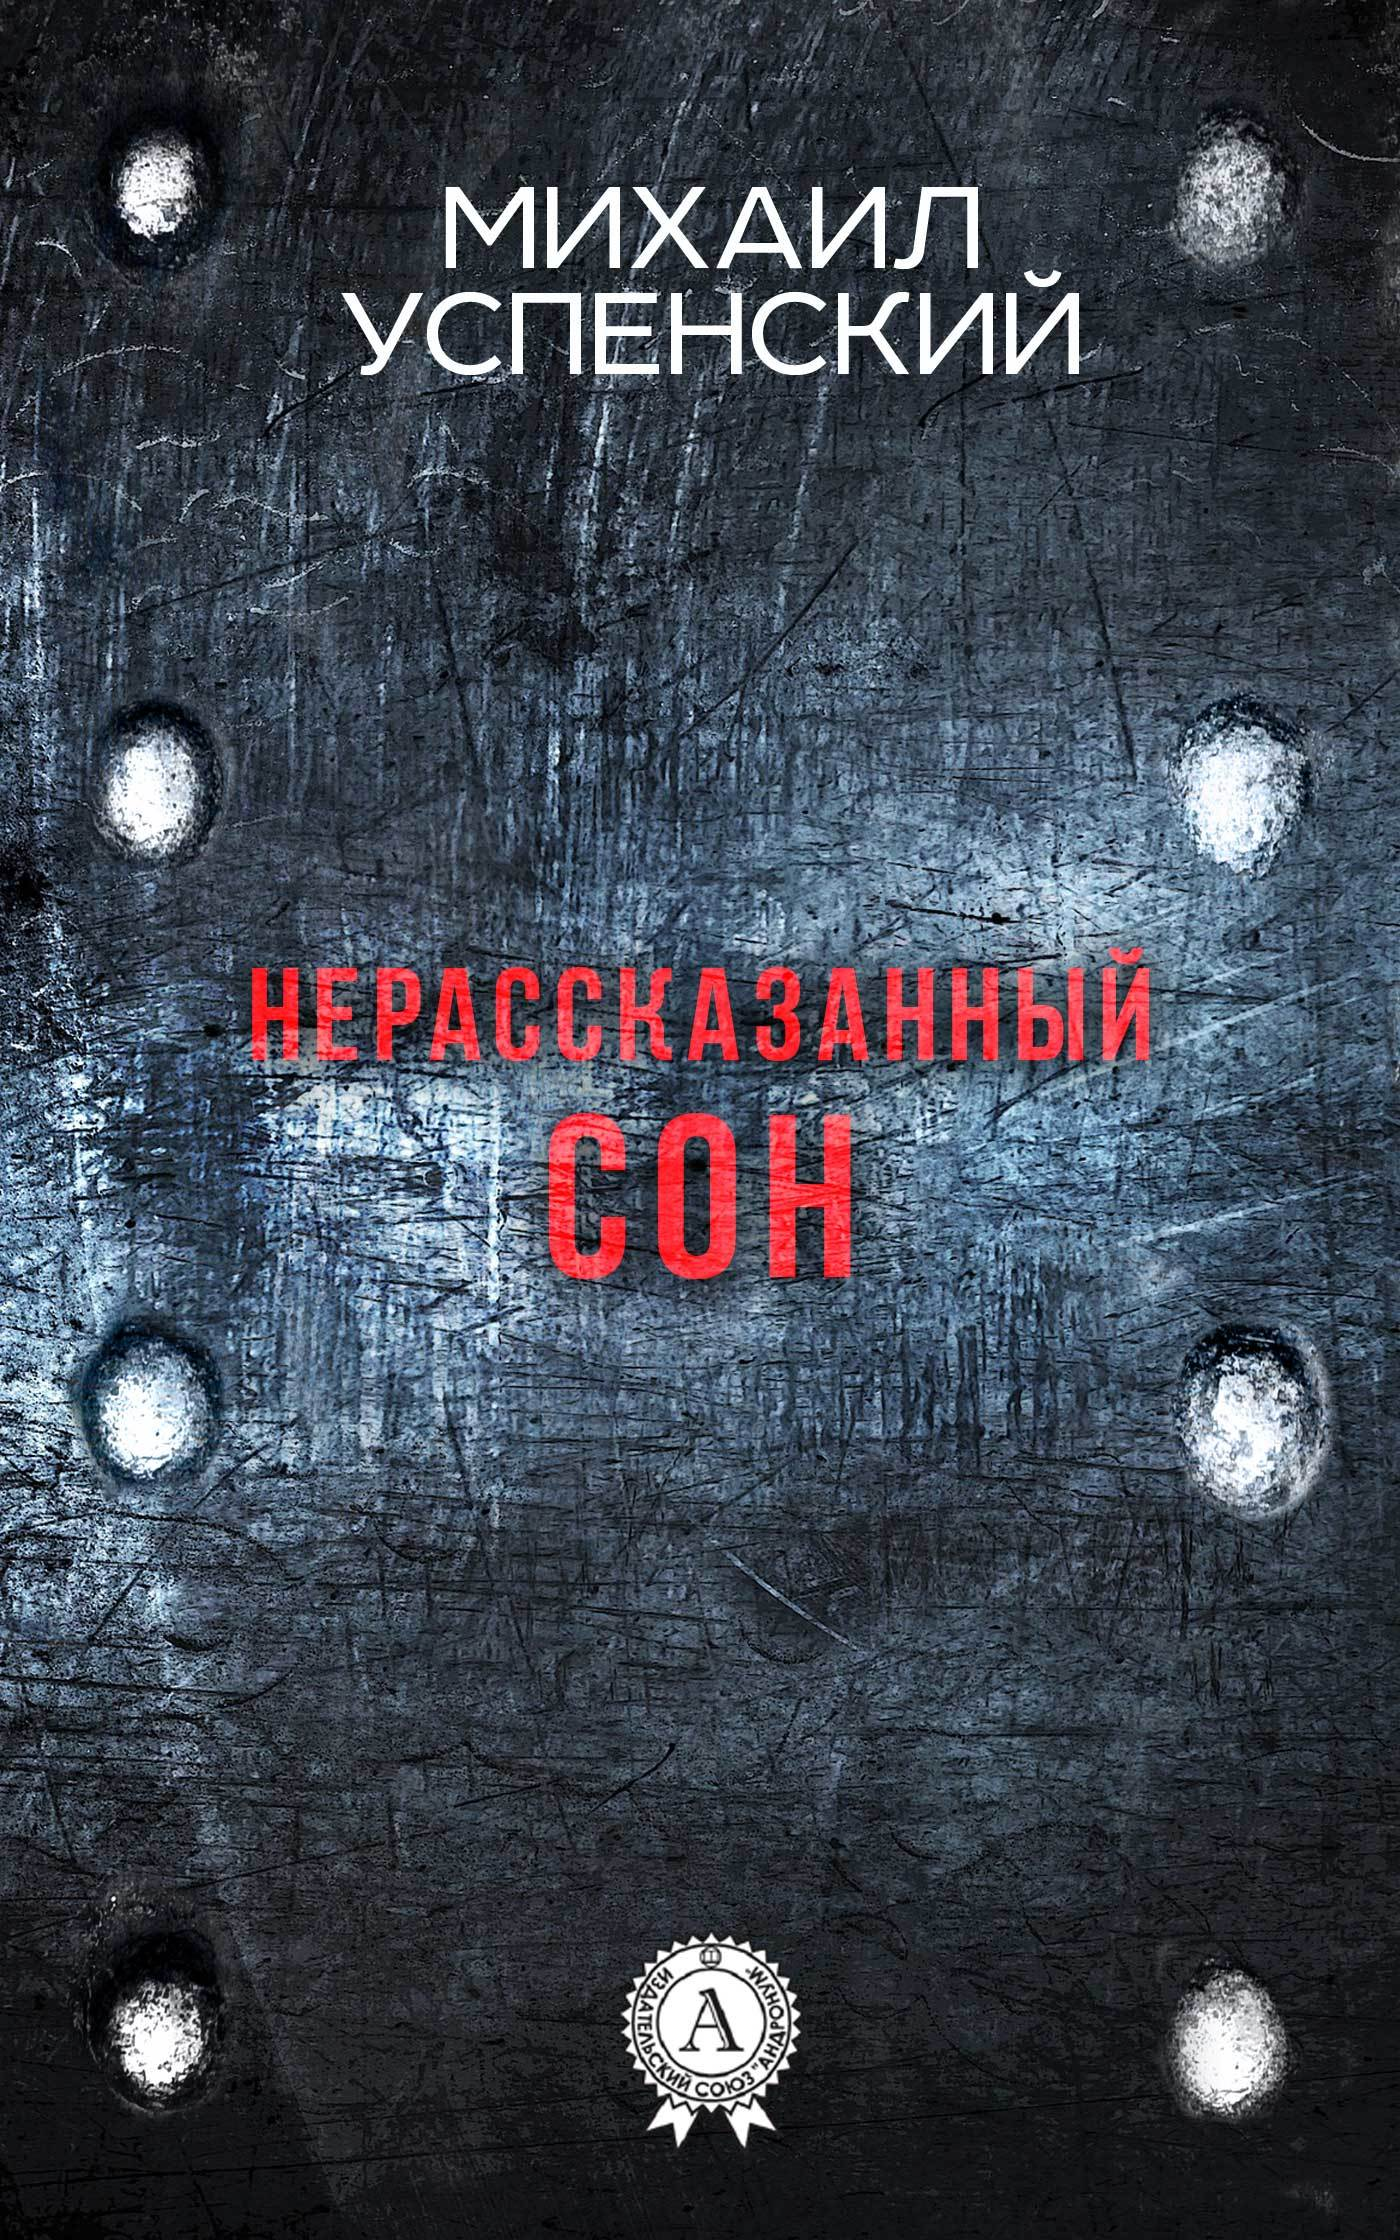 Михаил Успенский Нерассказанный сон магазины для рыбалки в южно сахалинске